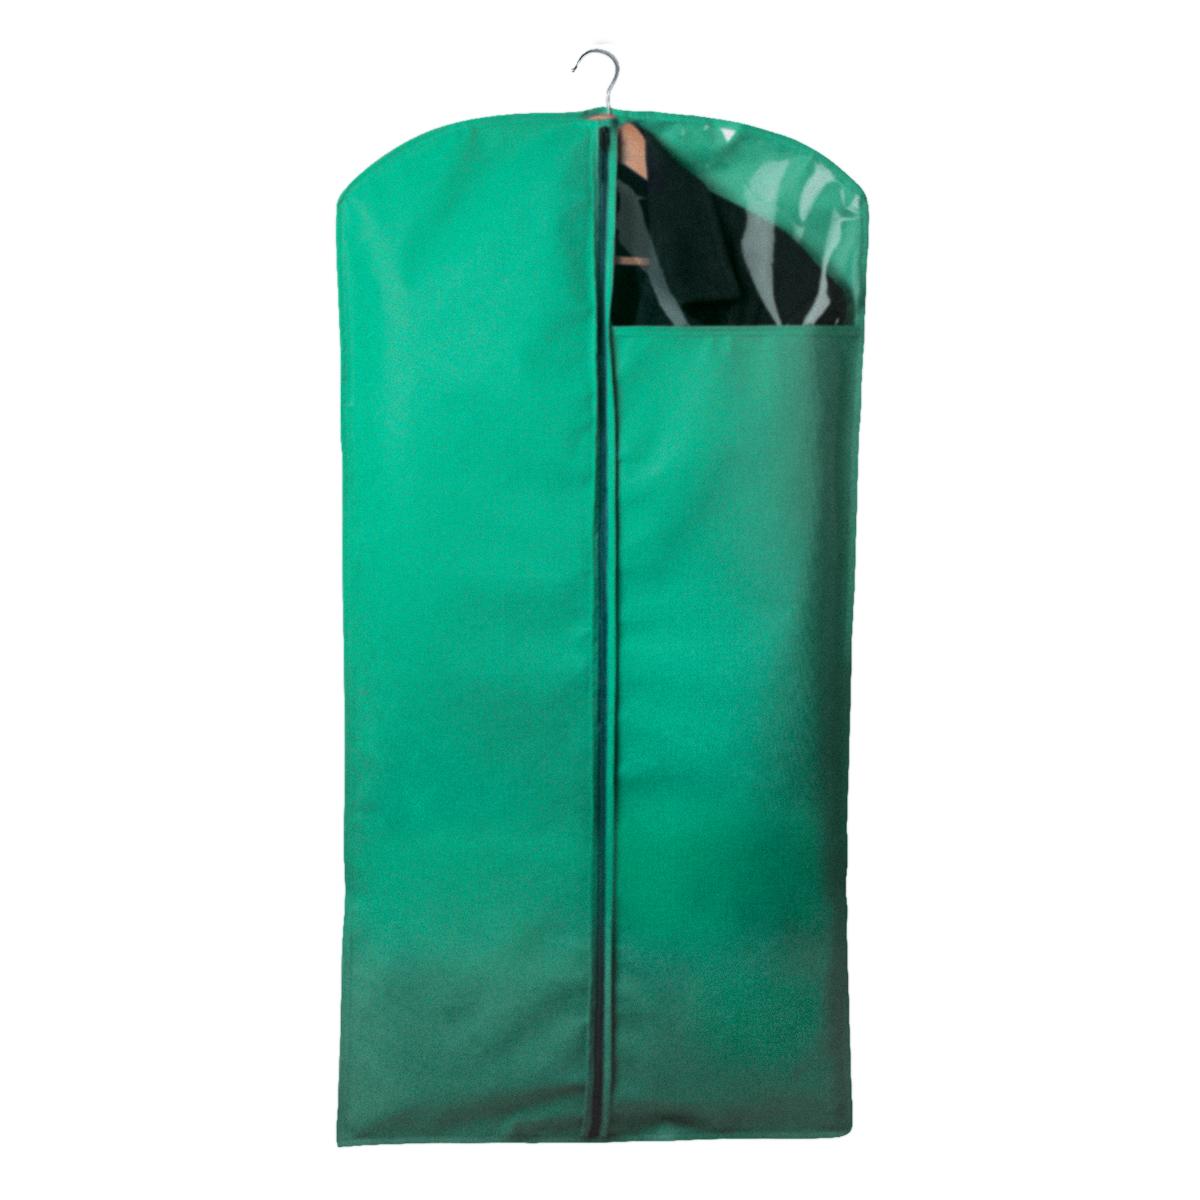 Чехол для одежды Miolla, с окошком, цвет: зеленый, 120 х 60 см74-0120Чехол для костюмов и платьев Miolla на застежке-молнии выполнен из высококачественного нетканого материала. Прозрачное полиэтиленовое окошко позволяет видеть содержимое чехла. Подходит для длительного хранения вещей.Чехол обеспечивает вашей одежде надежную защиту от влажности, повреждений и грязи при транспортировке, от запыления при хранении и проникновения моли. Чехол обладает водоотталкивающими свойствами, а также позволяет воздуху свободно поступать внутрь вещей, обеспечивая их кондиционирование. Размер чехла: 120 х 60 см.